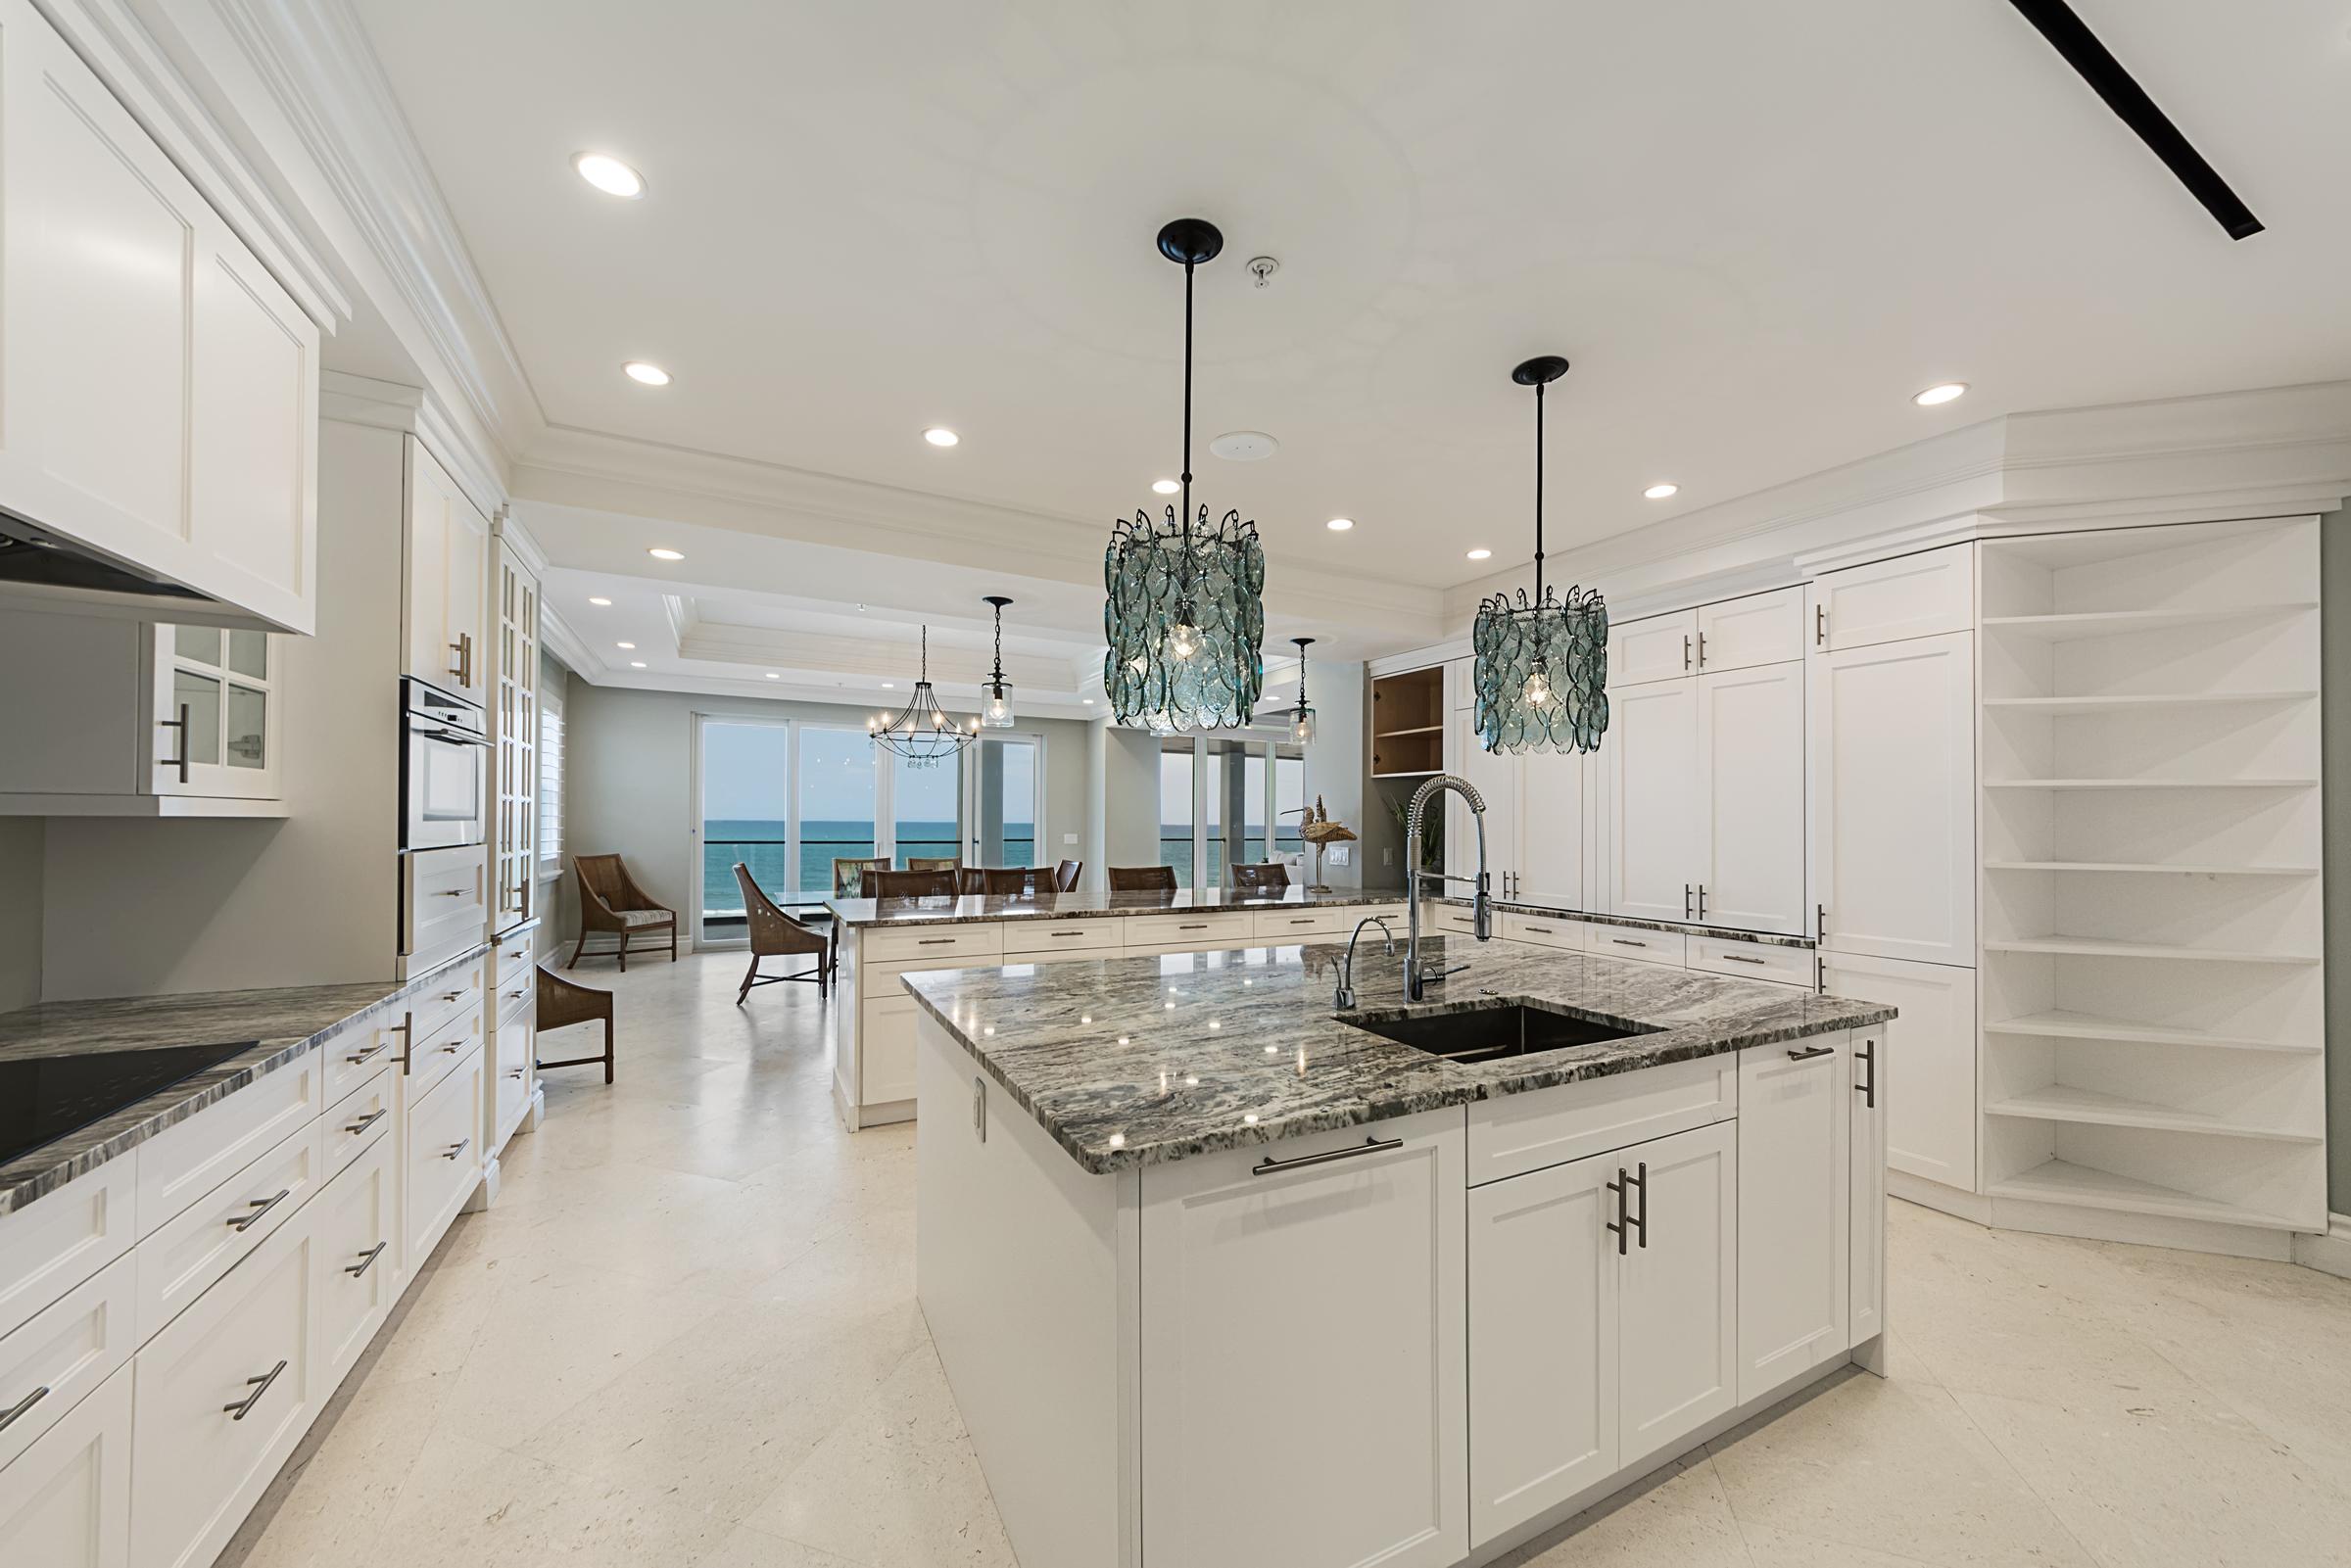 Interior Kitchen Final.jpg